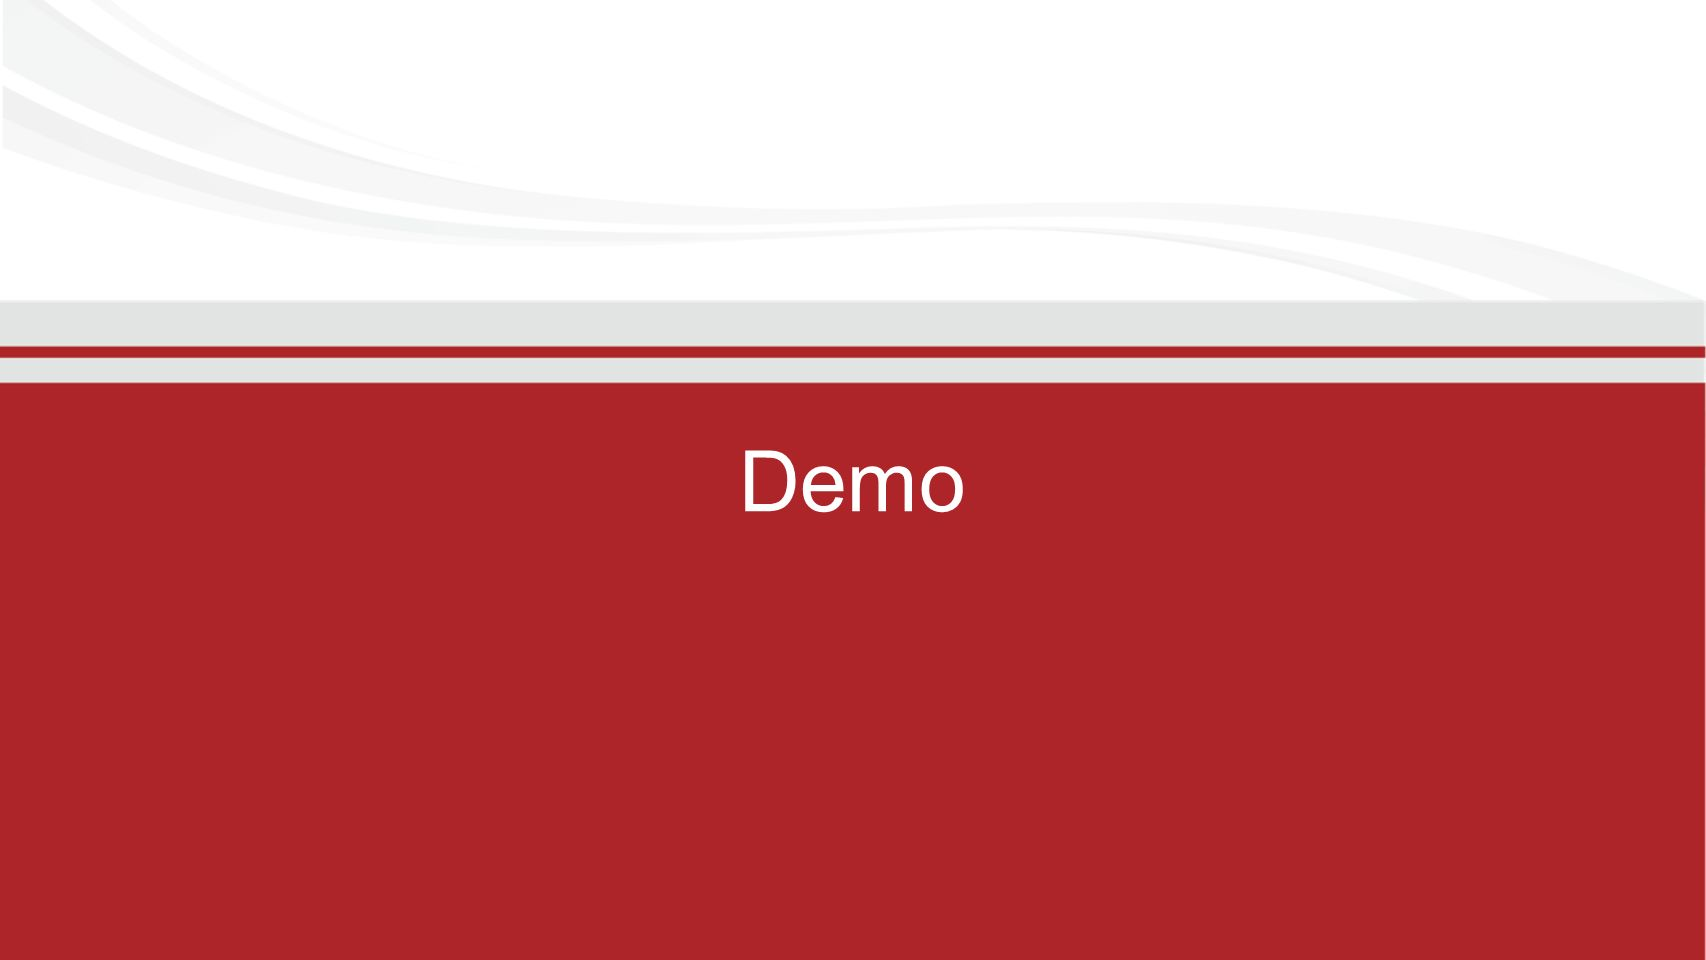 Ein übersichtlicher Templatesatz Der Root-Ordner des Templatesatzes beinhaltet die einzelnen Seiten des Shops Im Unterordner subtmpl finden wir Elemente die überall im Shop aufgerufen werden können Im Unterordner customer finden wir Seiten die man als eingelogter Kunde sehen würde In den Unterordnern news und plugins finden wir Templates die mit Plug-ins wie die Newsletterfunktion oder der News Funktion zu tuen haben Der images Ordner des Templates beinhaltet den Ordner main für schnelle Anpassungen und den Ordner style für alle Frontend bedingten Grafiken, Javascripts und CSS Dateien.